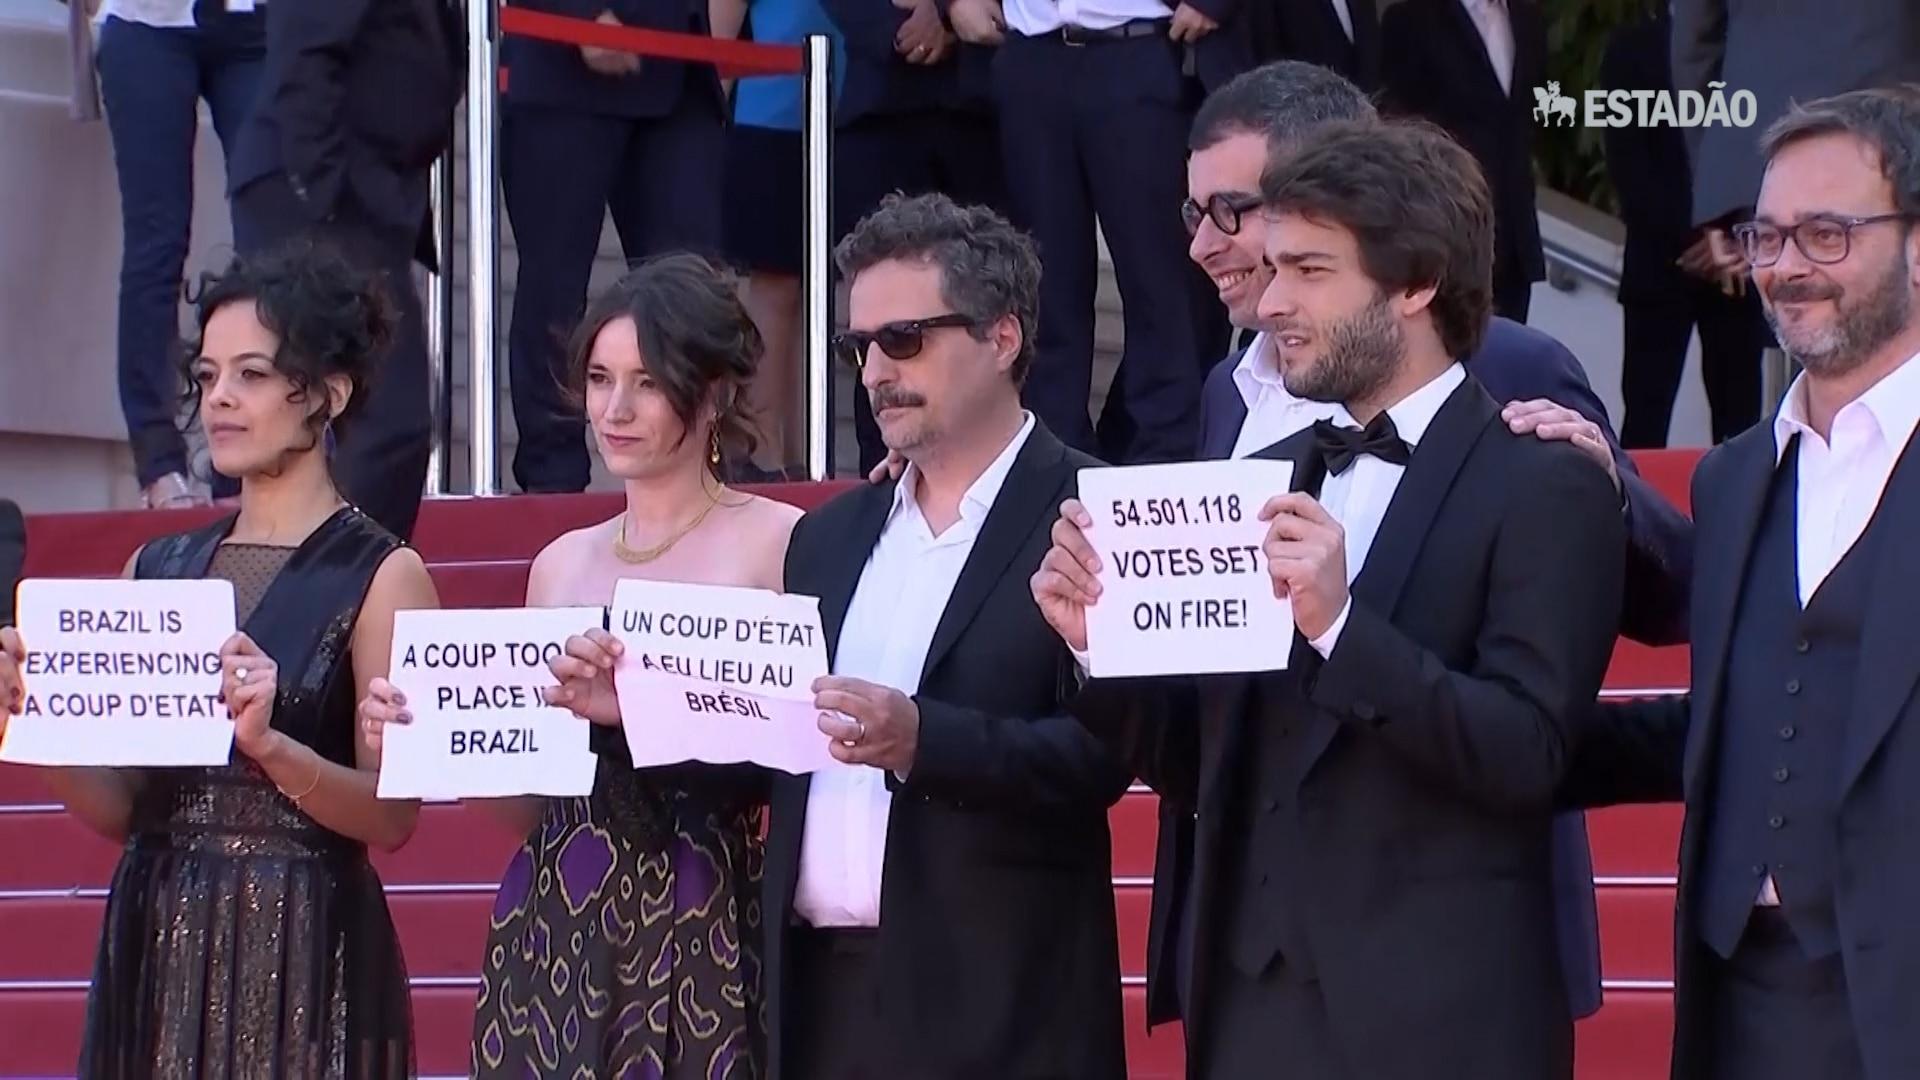 Em Cannes, equipe de 'Aquarius' protesta contra impeachment de Dilma